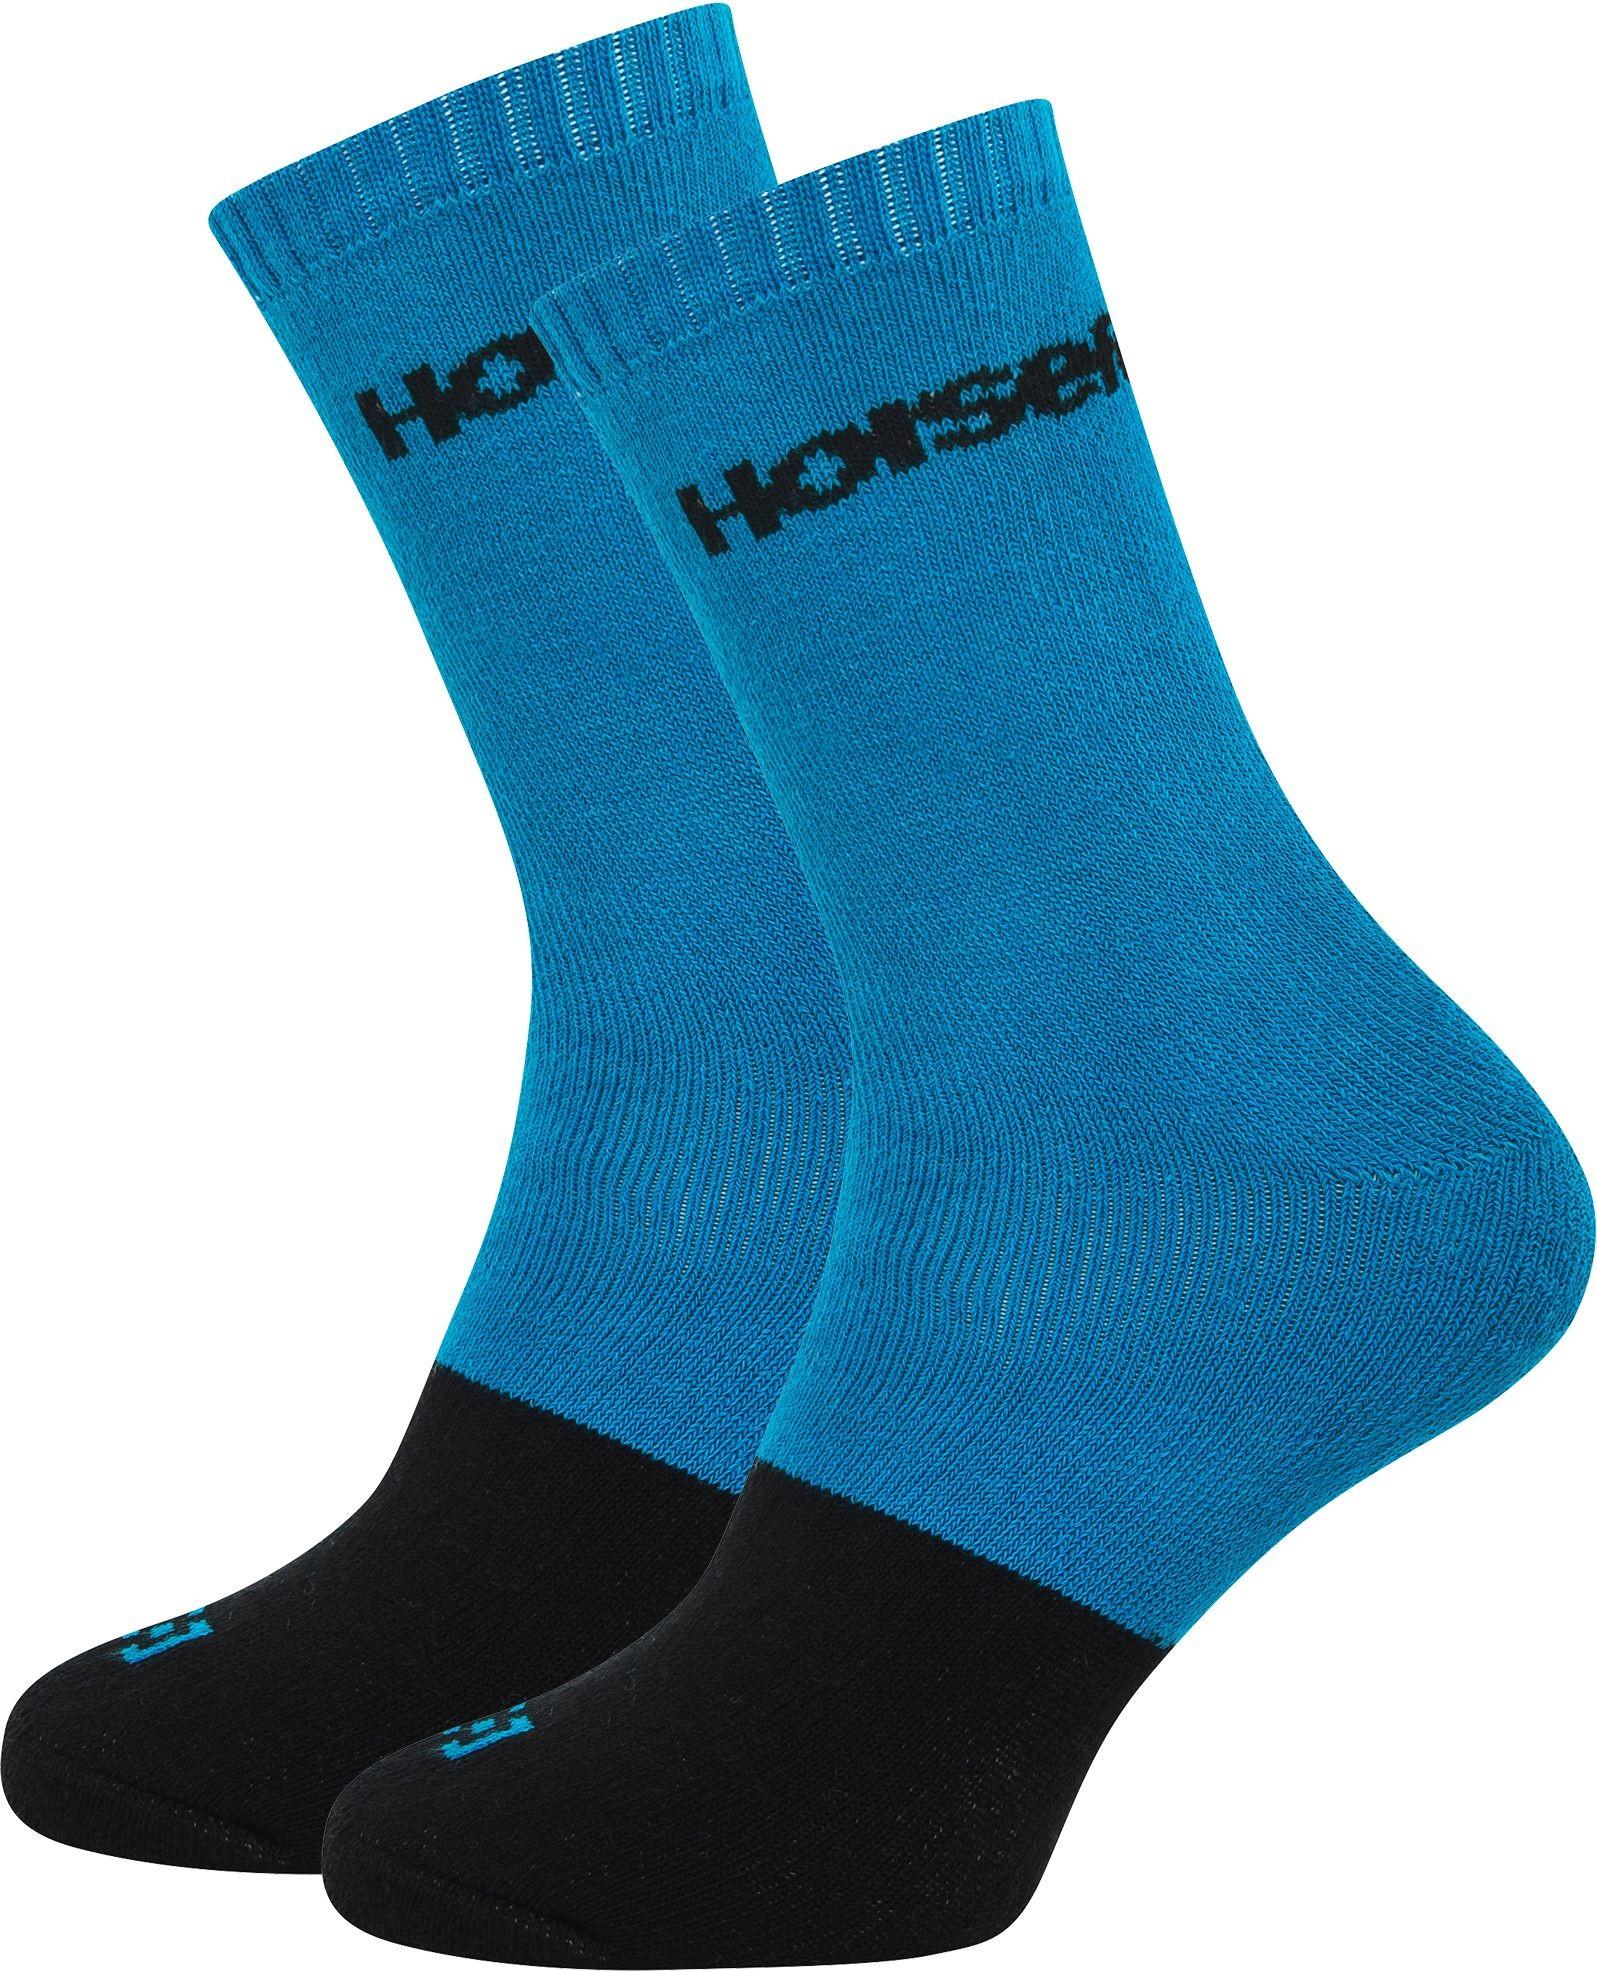 Horsefeathers skarpety męskie MILTON SOCKS blue)